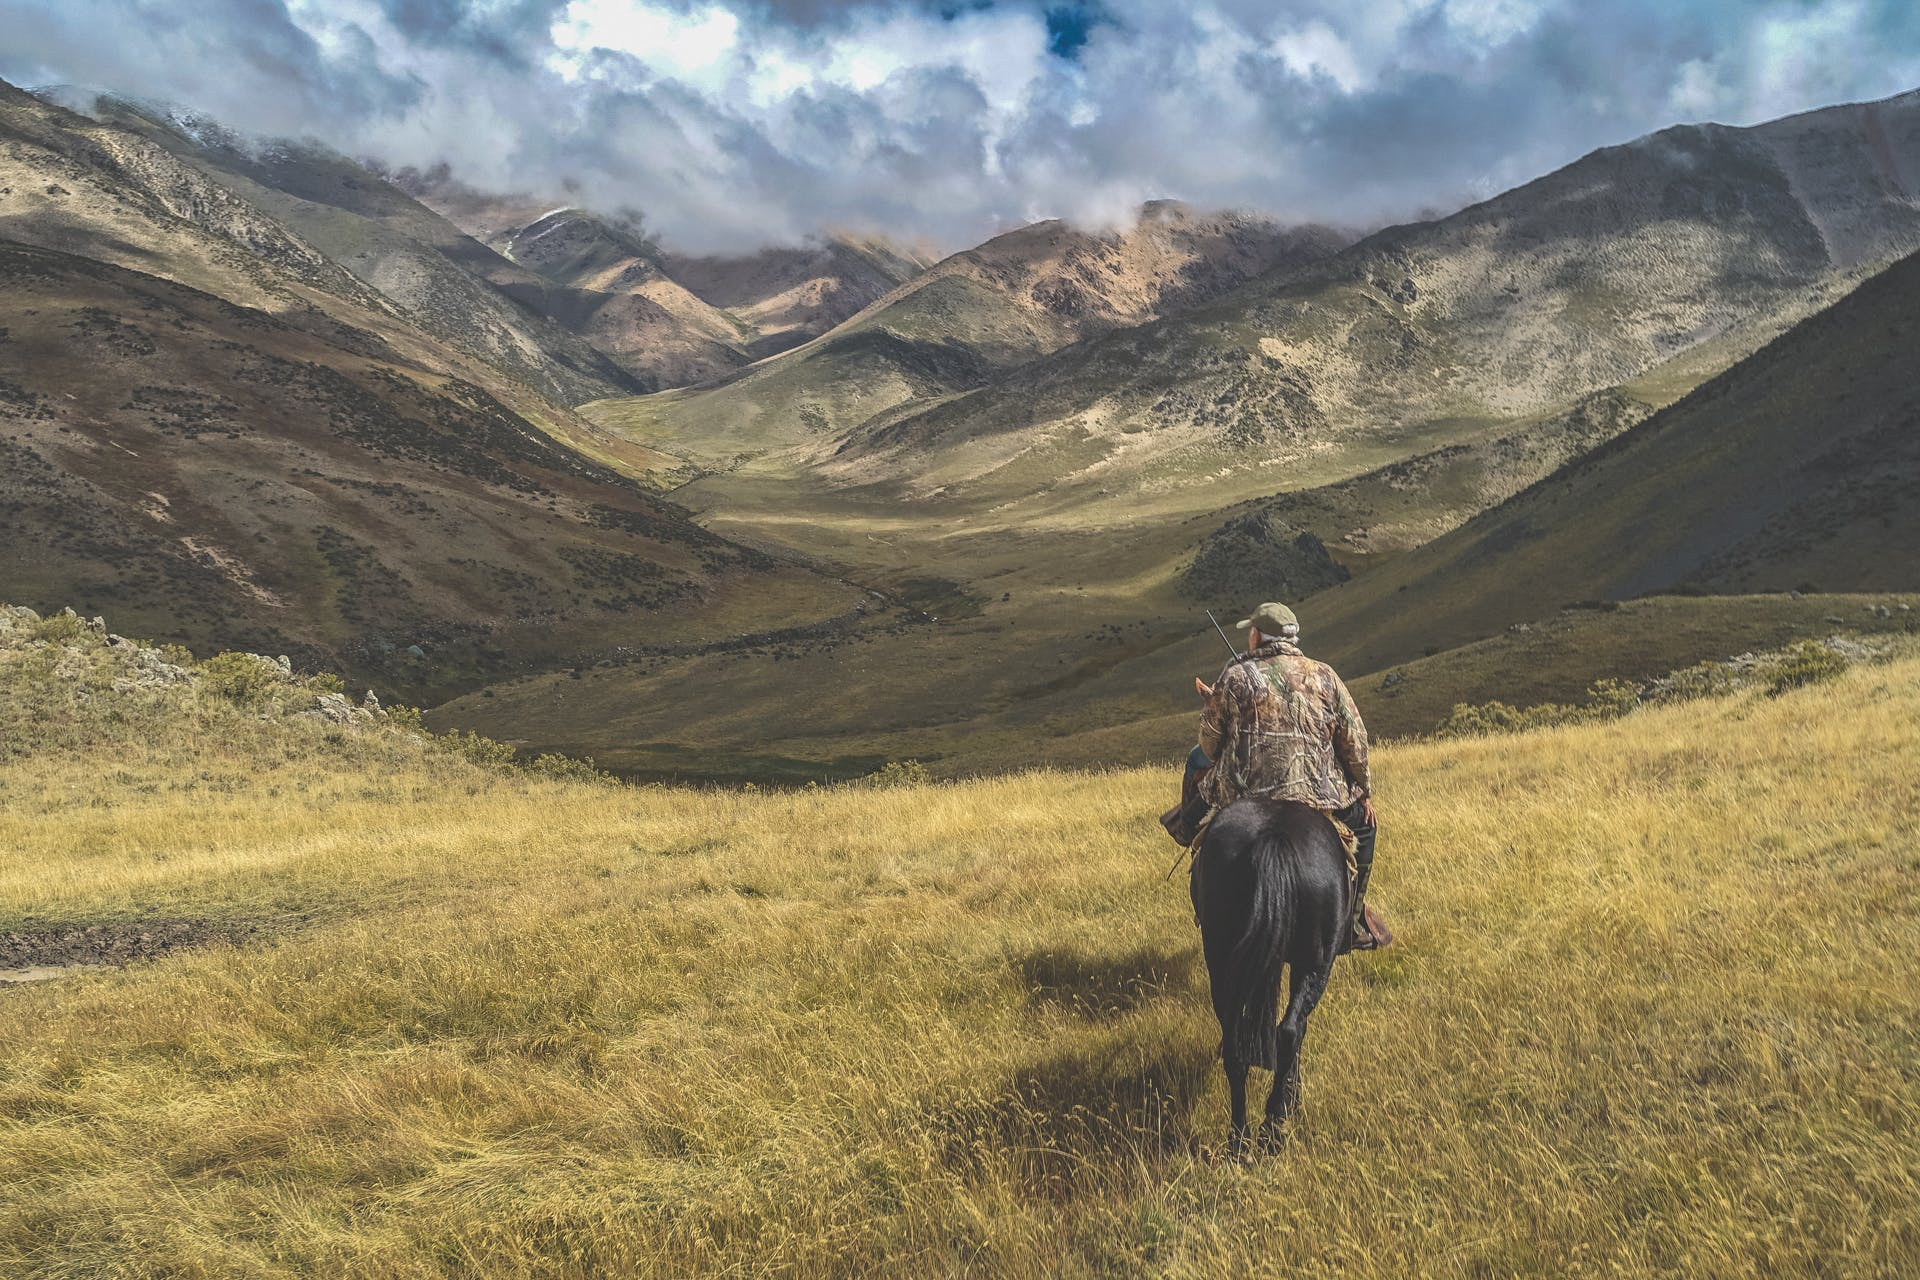 Δωρεάν στοκ φωτογραφιών με αγρόκτημα, άλογο, άνθρωπος, βουνό